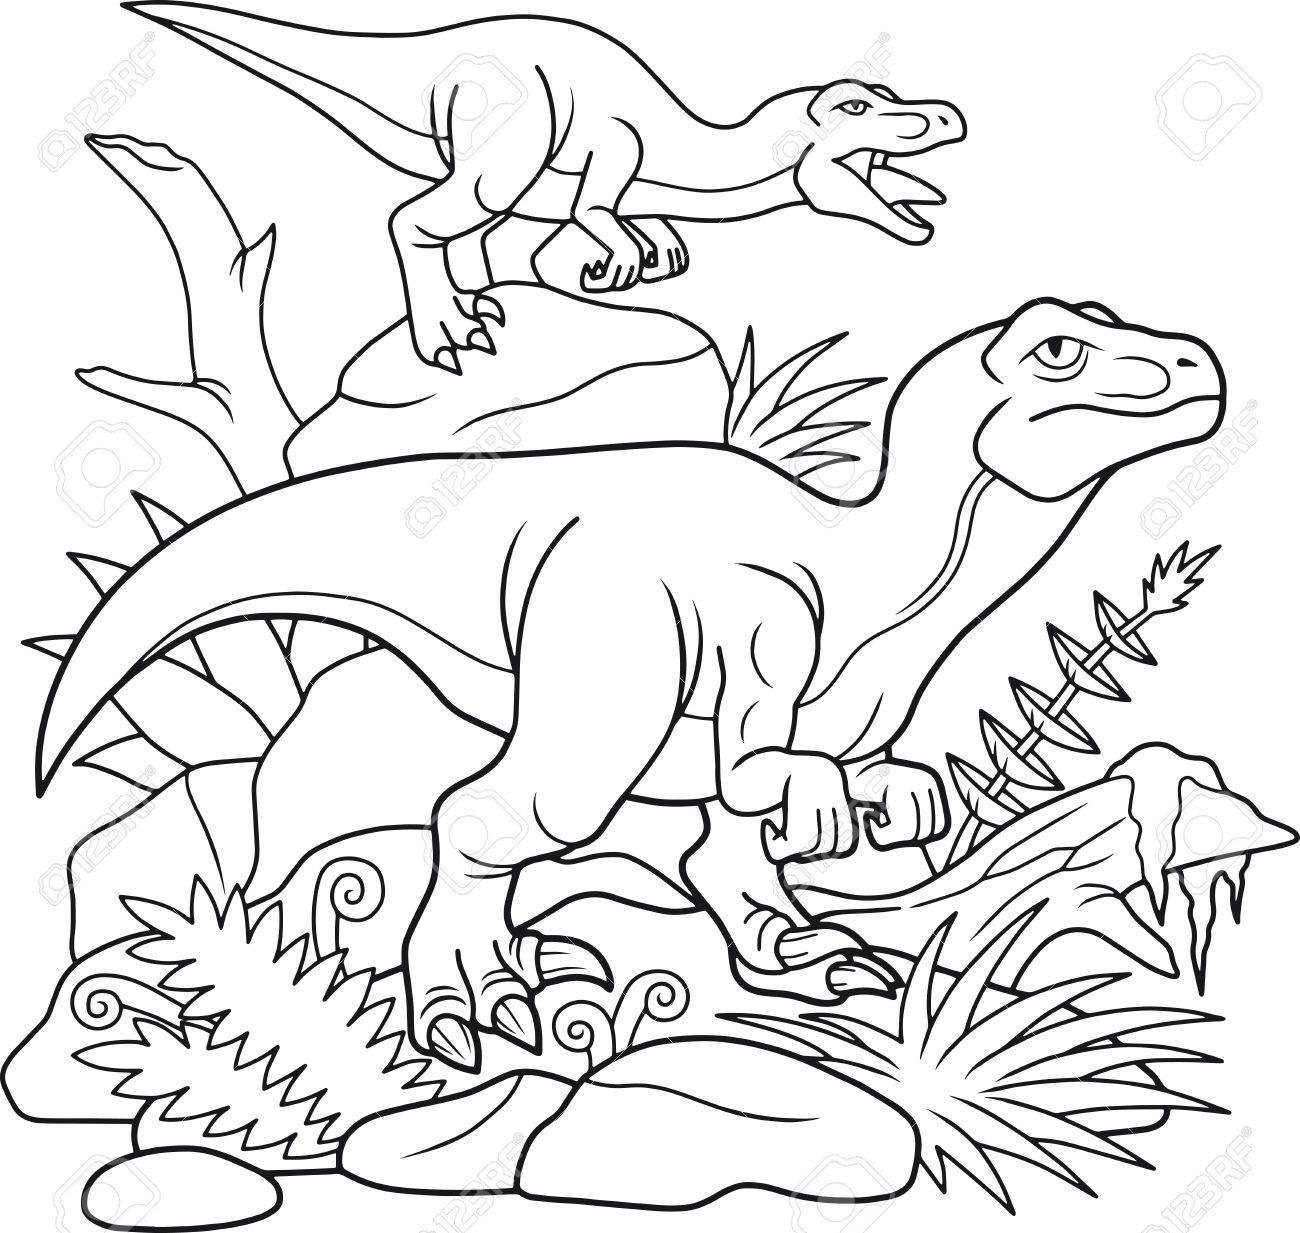 Vettoriale Il Gruppo Dei Velociraptor E Andato A Caccia Image